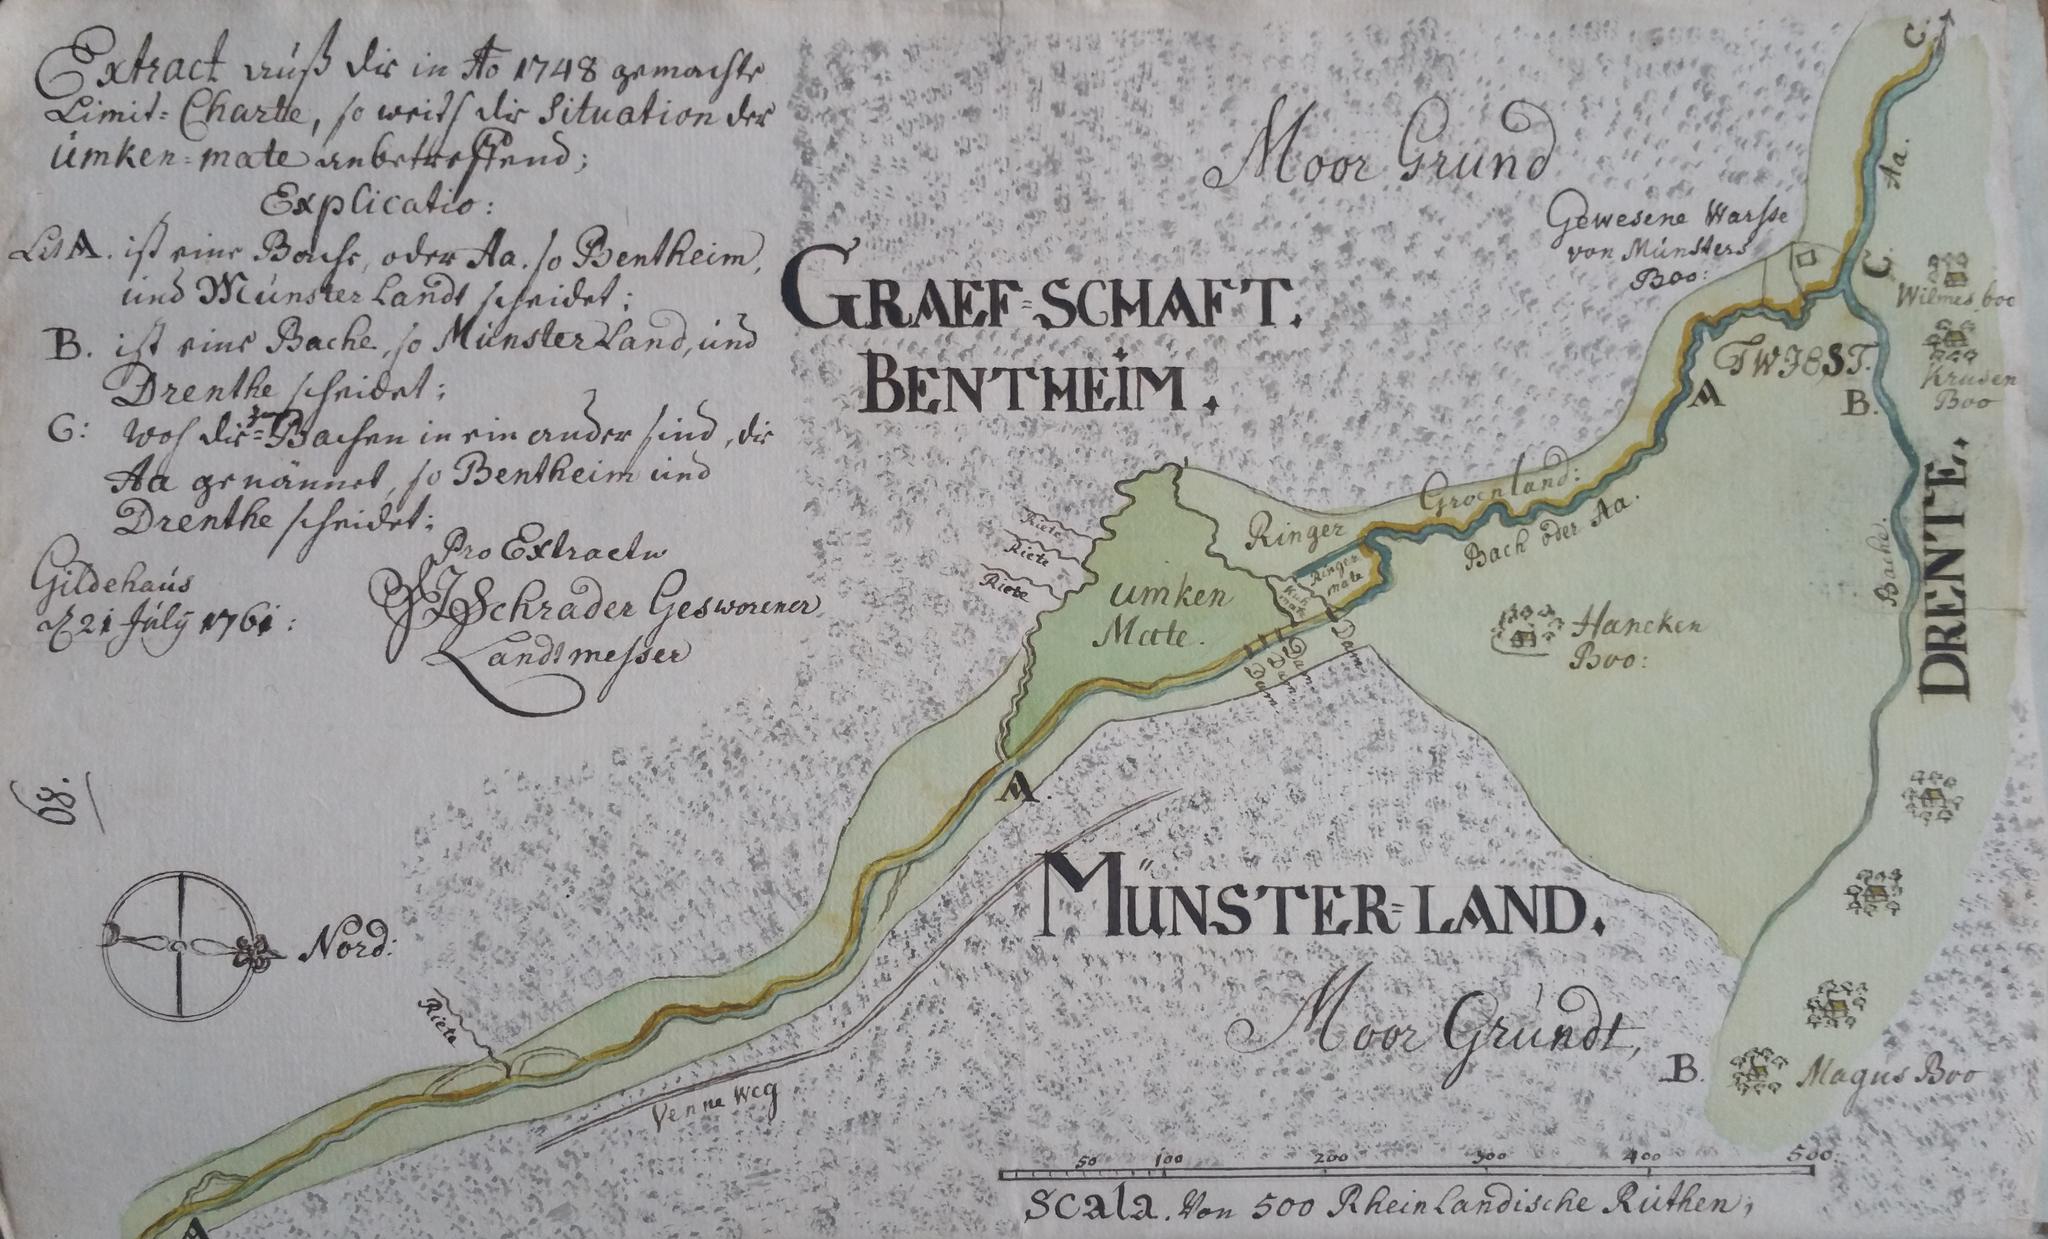 kaart in verband met grensgeschil tussen Drenthe, Bentheim en Münster 1761